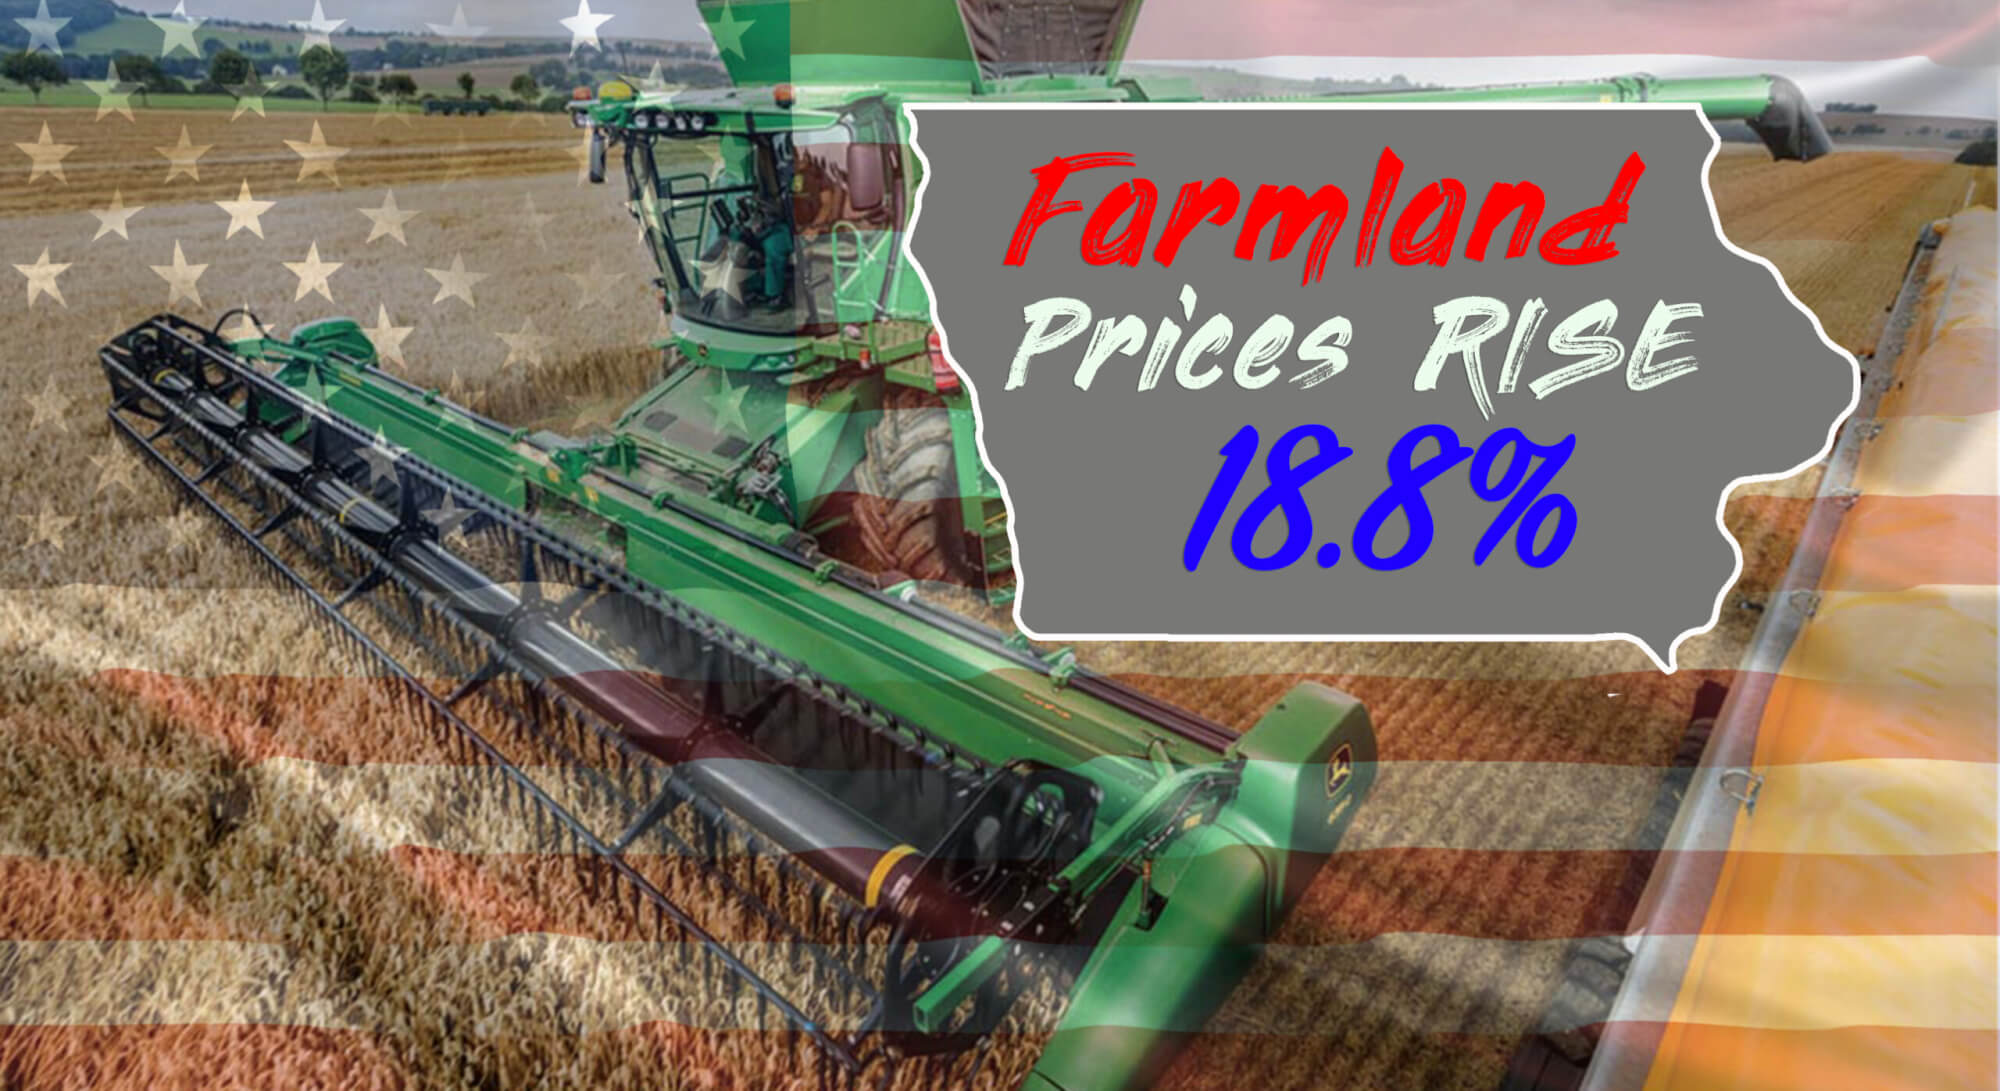 Iowa land price graphic